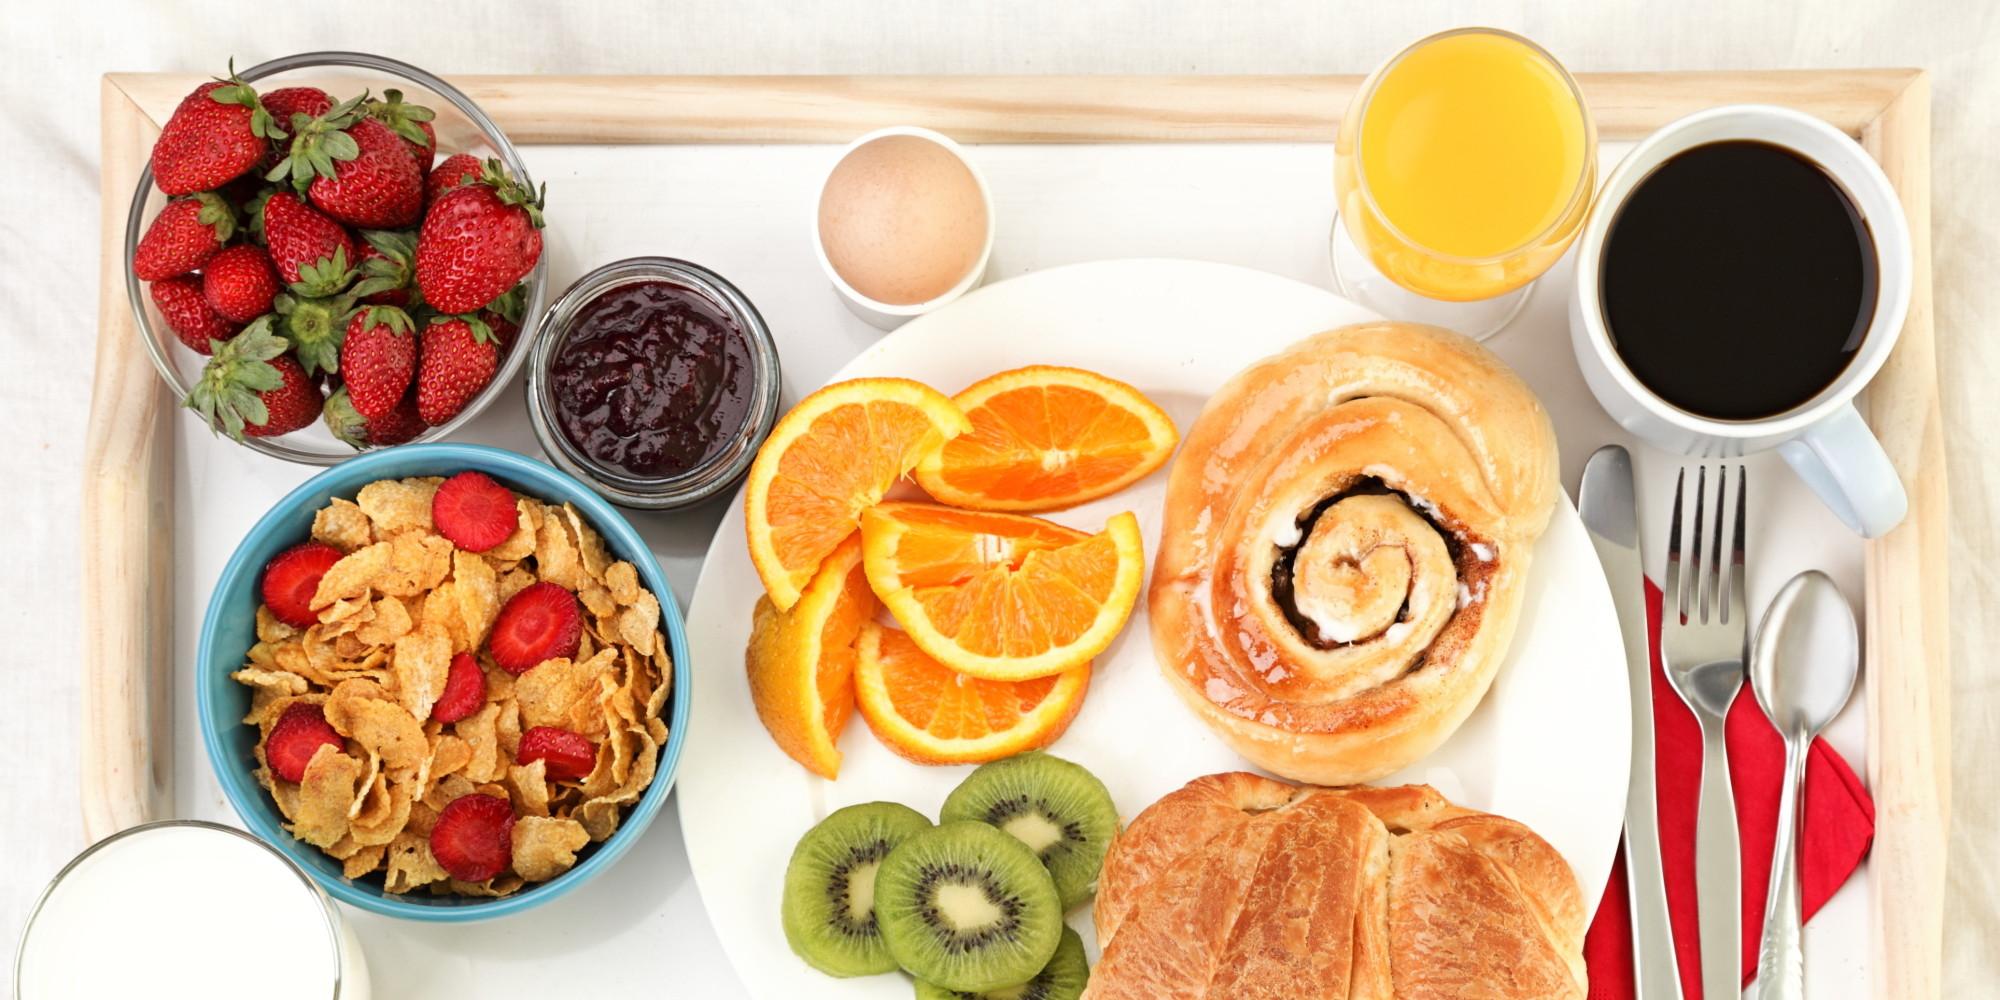 Эти 6 продуктов не стоит есть на завтрак, если вы хотите быть здоровыми и стройными!